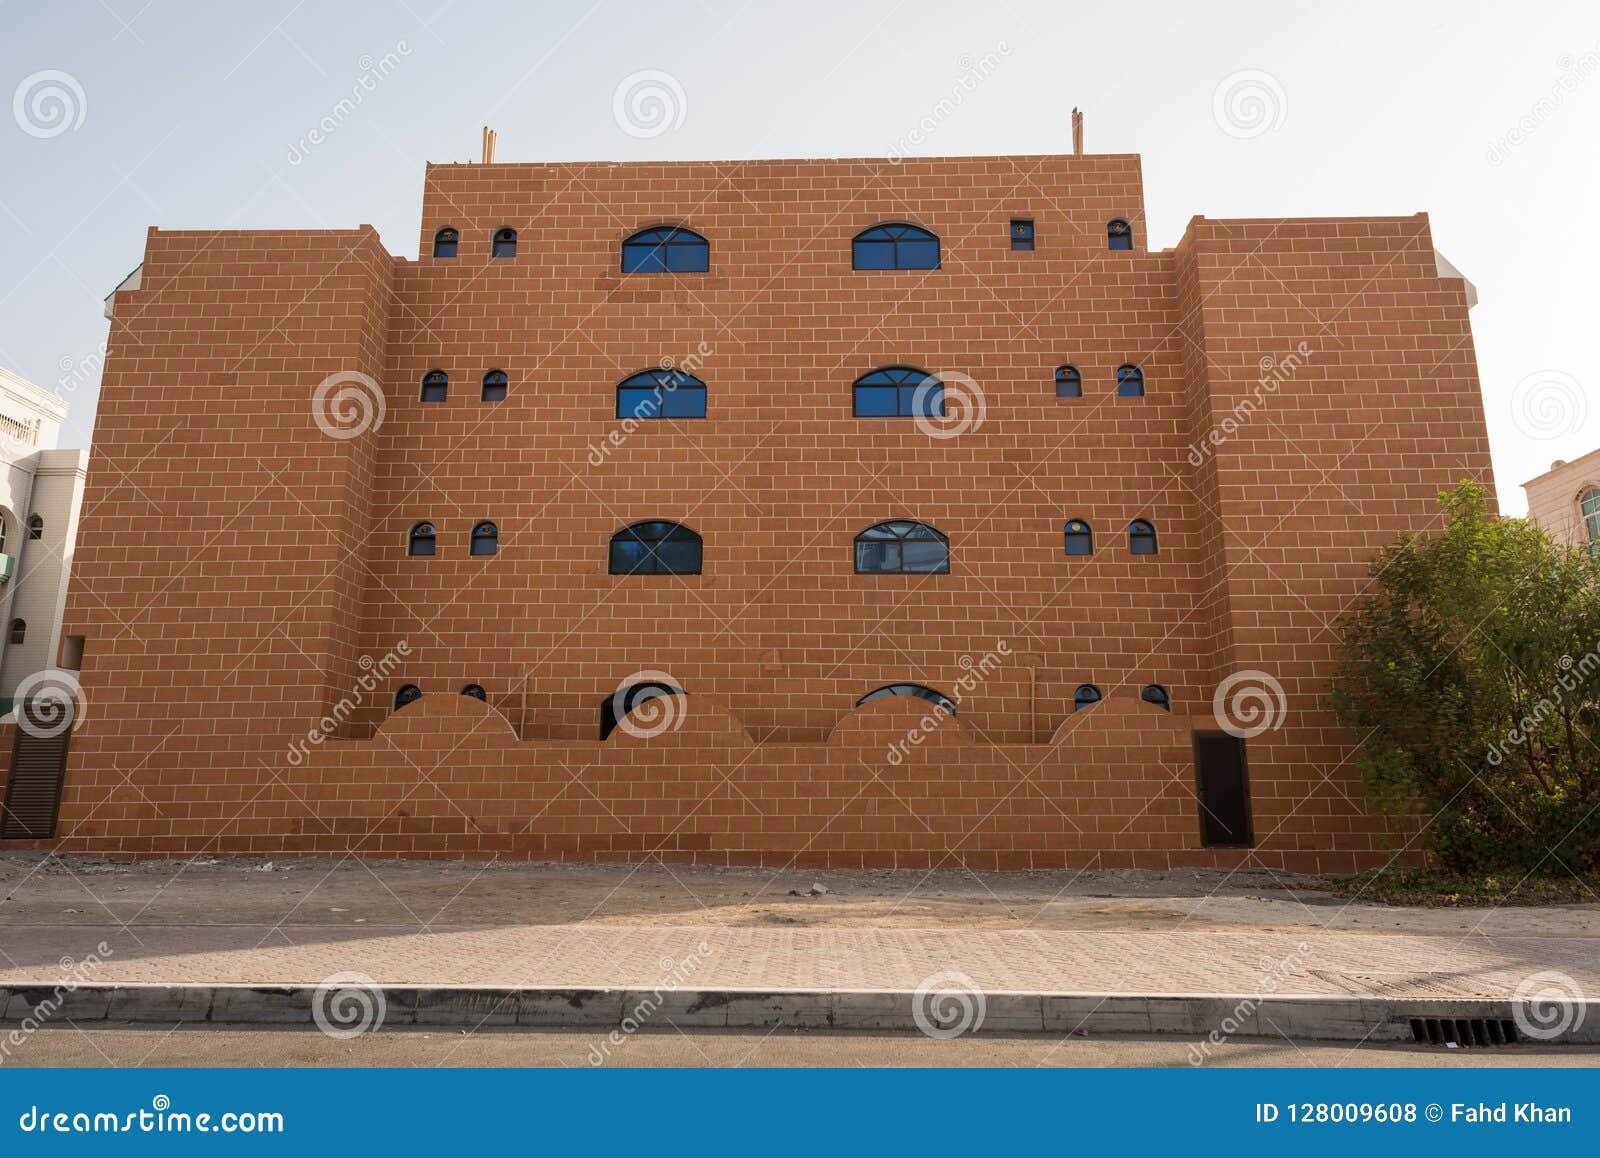 Facade of a Brown villa made of brown bricks like tiles